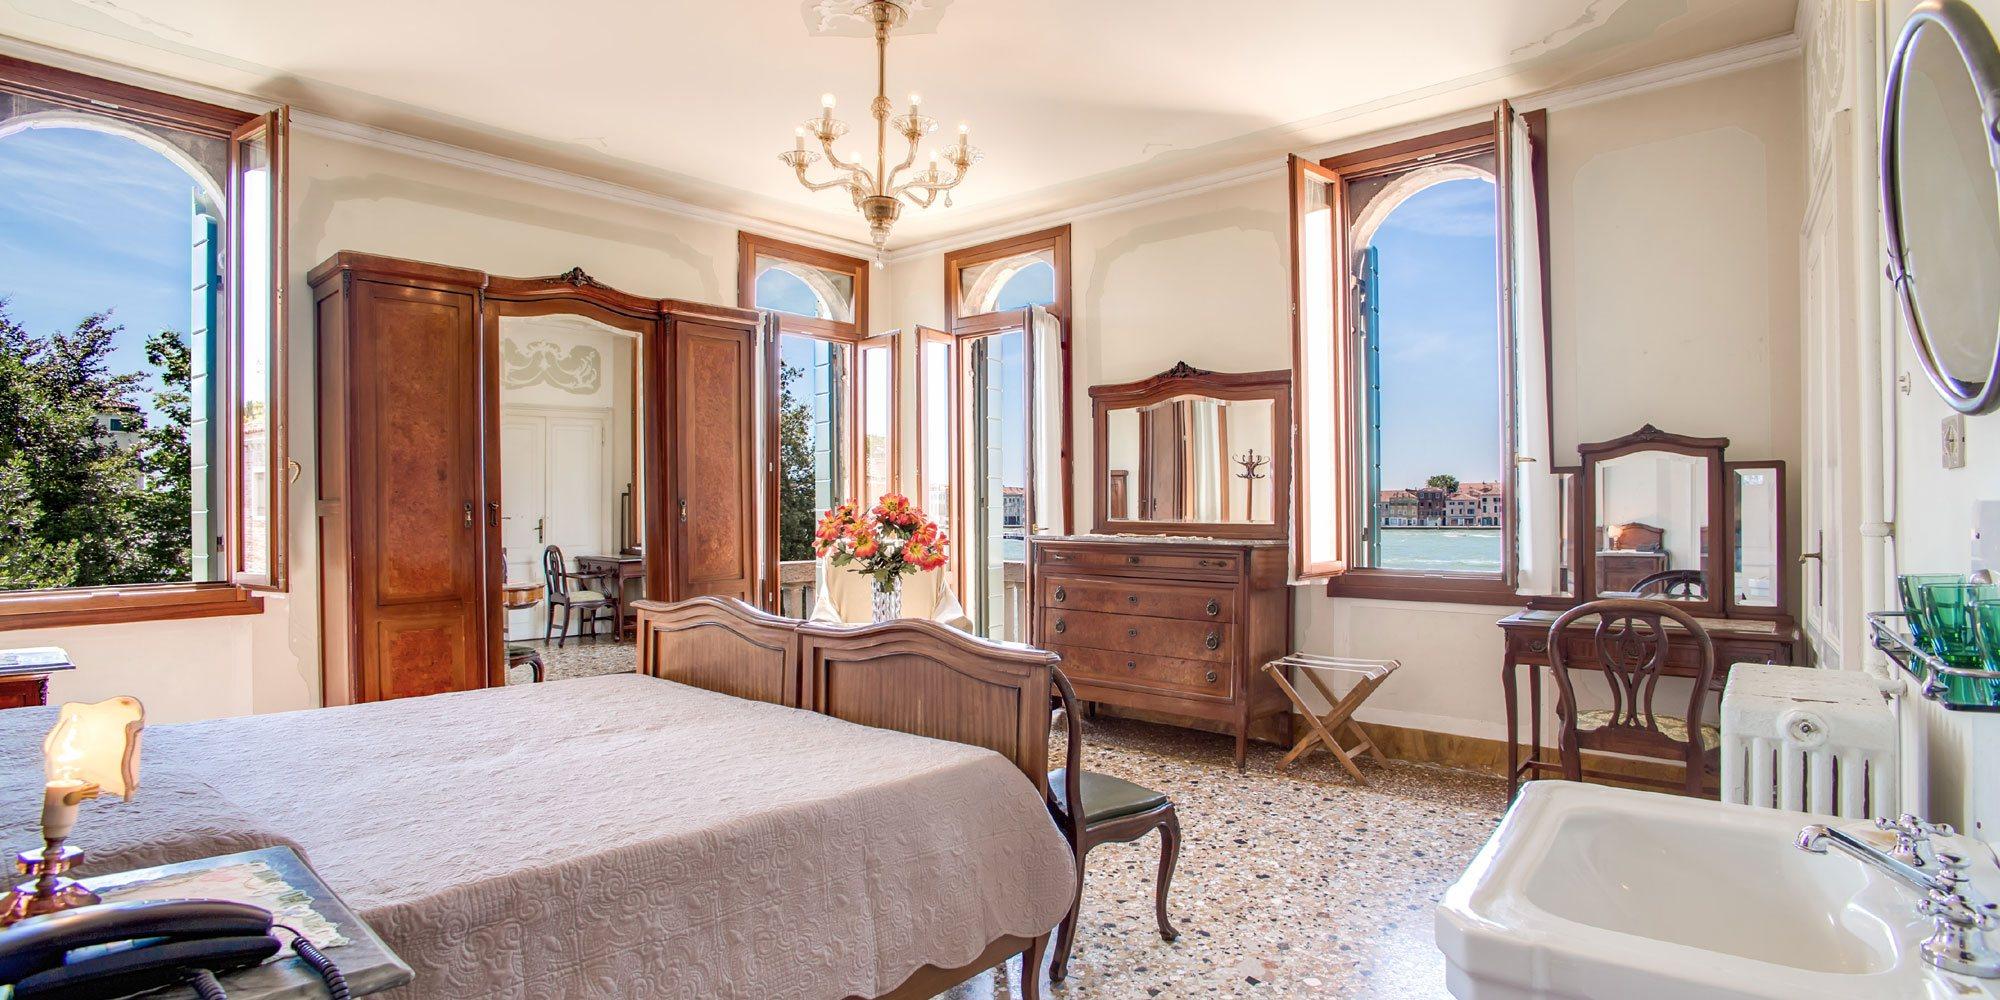 hotel pensione seguso venedig offizielle webseite 2 sterne hotel. Black Bedroom Furniture Sets. Home Design Ideas